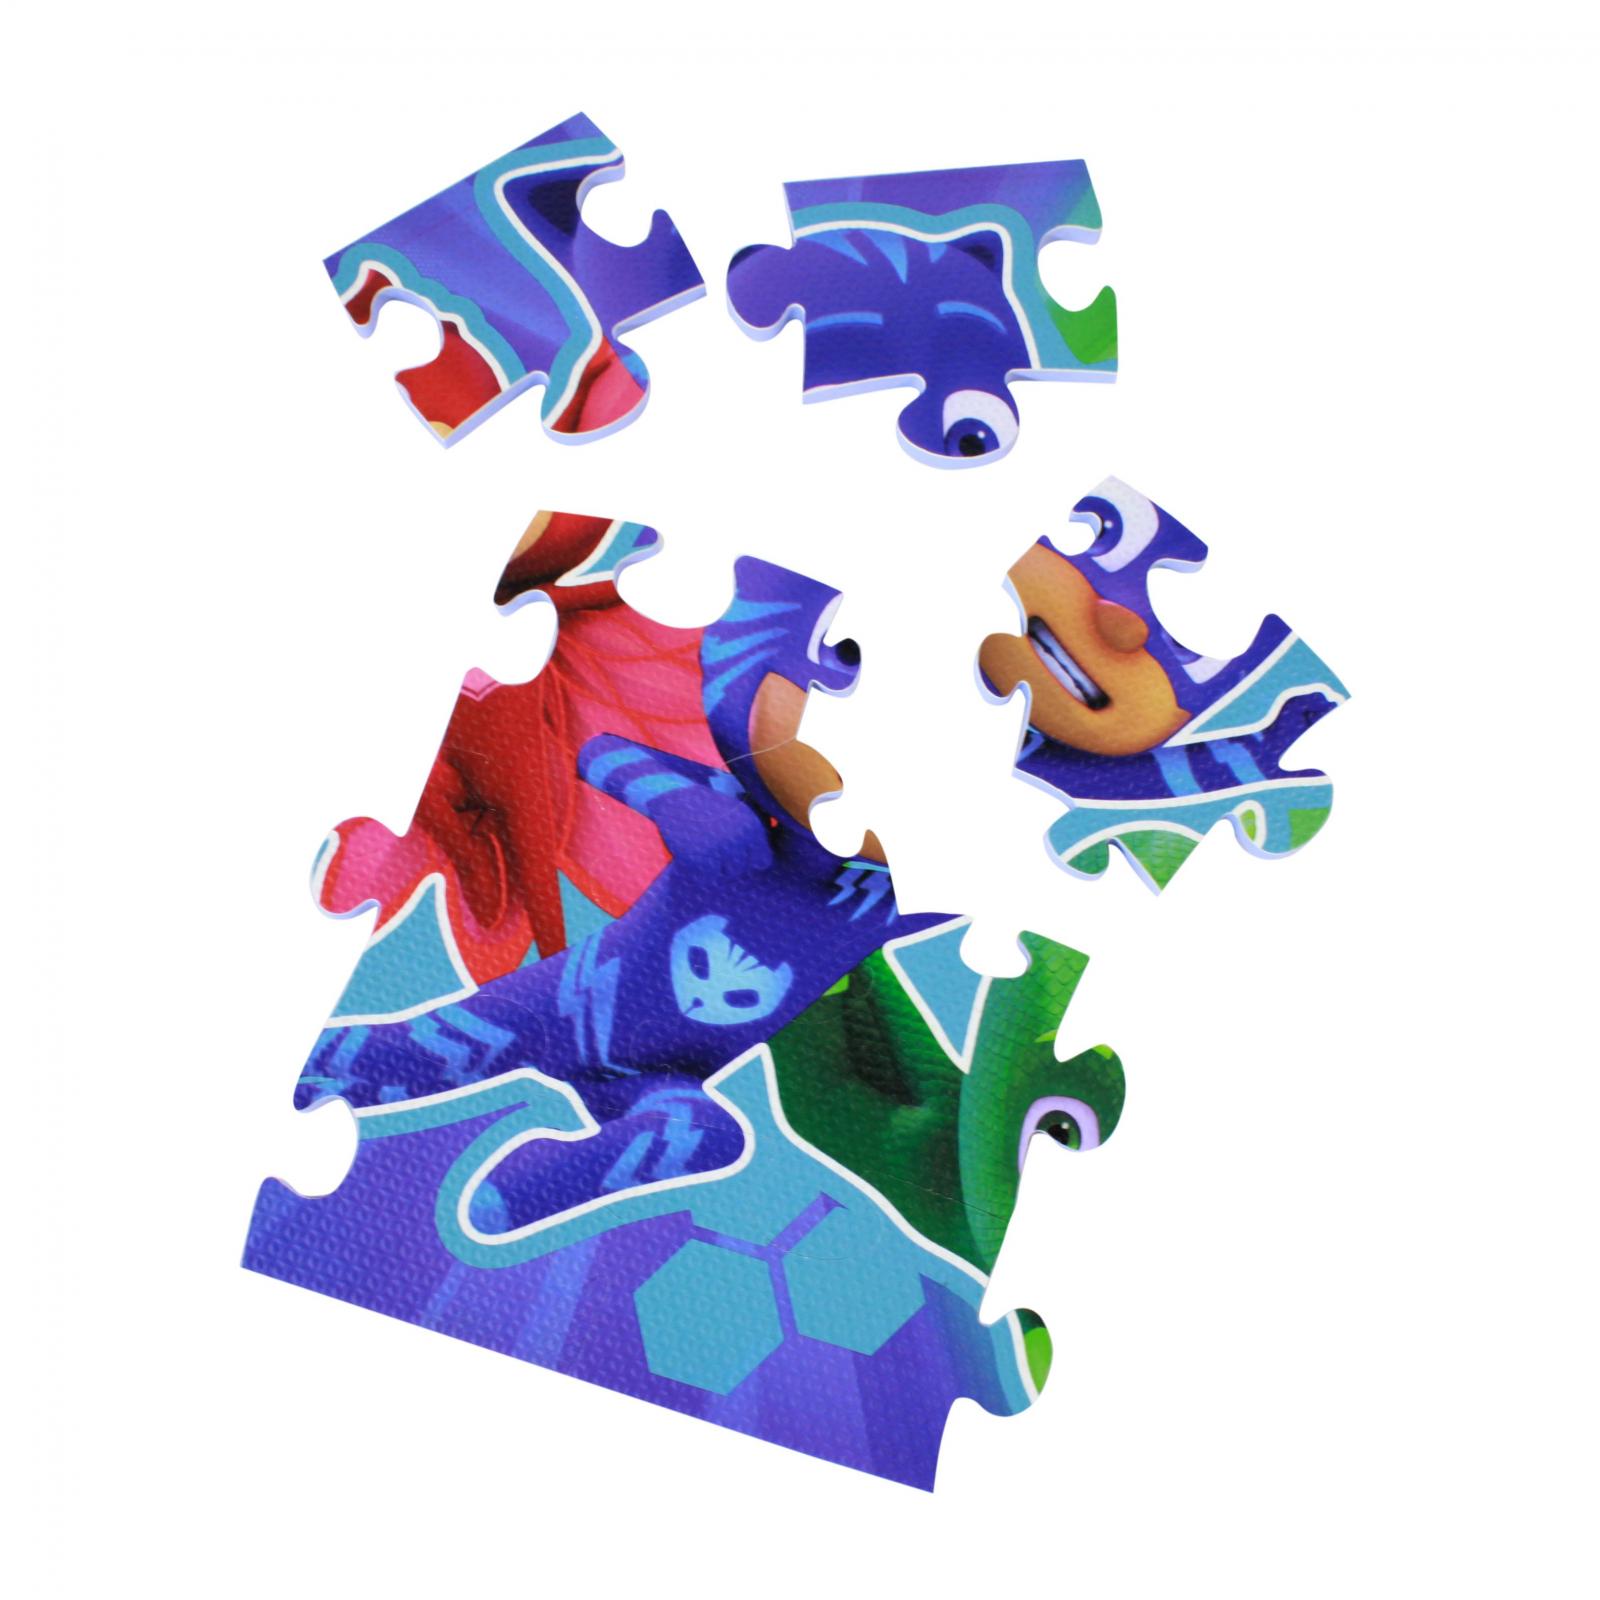 PJ Masks Large 25 Piece Foam Puzzle 13 x 24 Inch Colorful